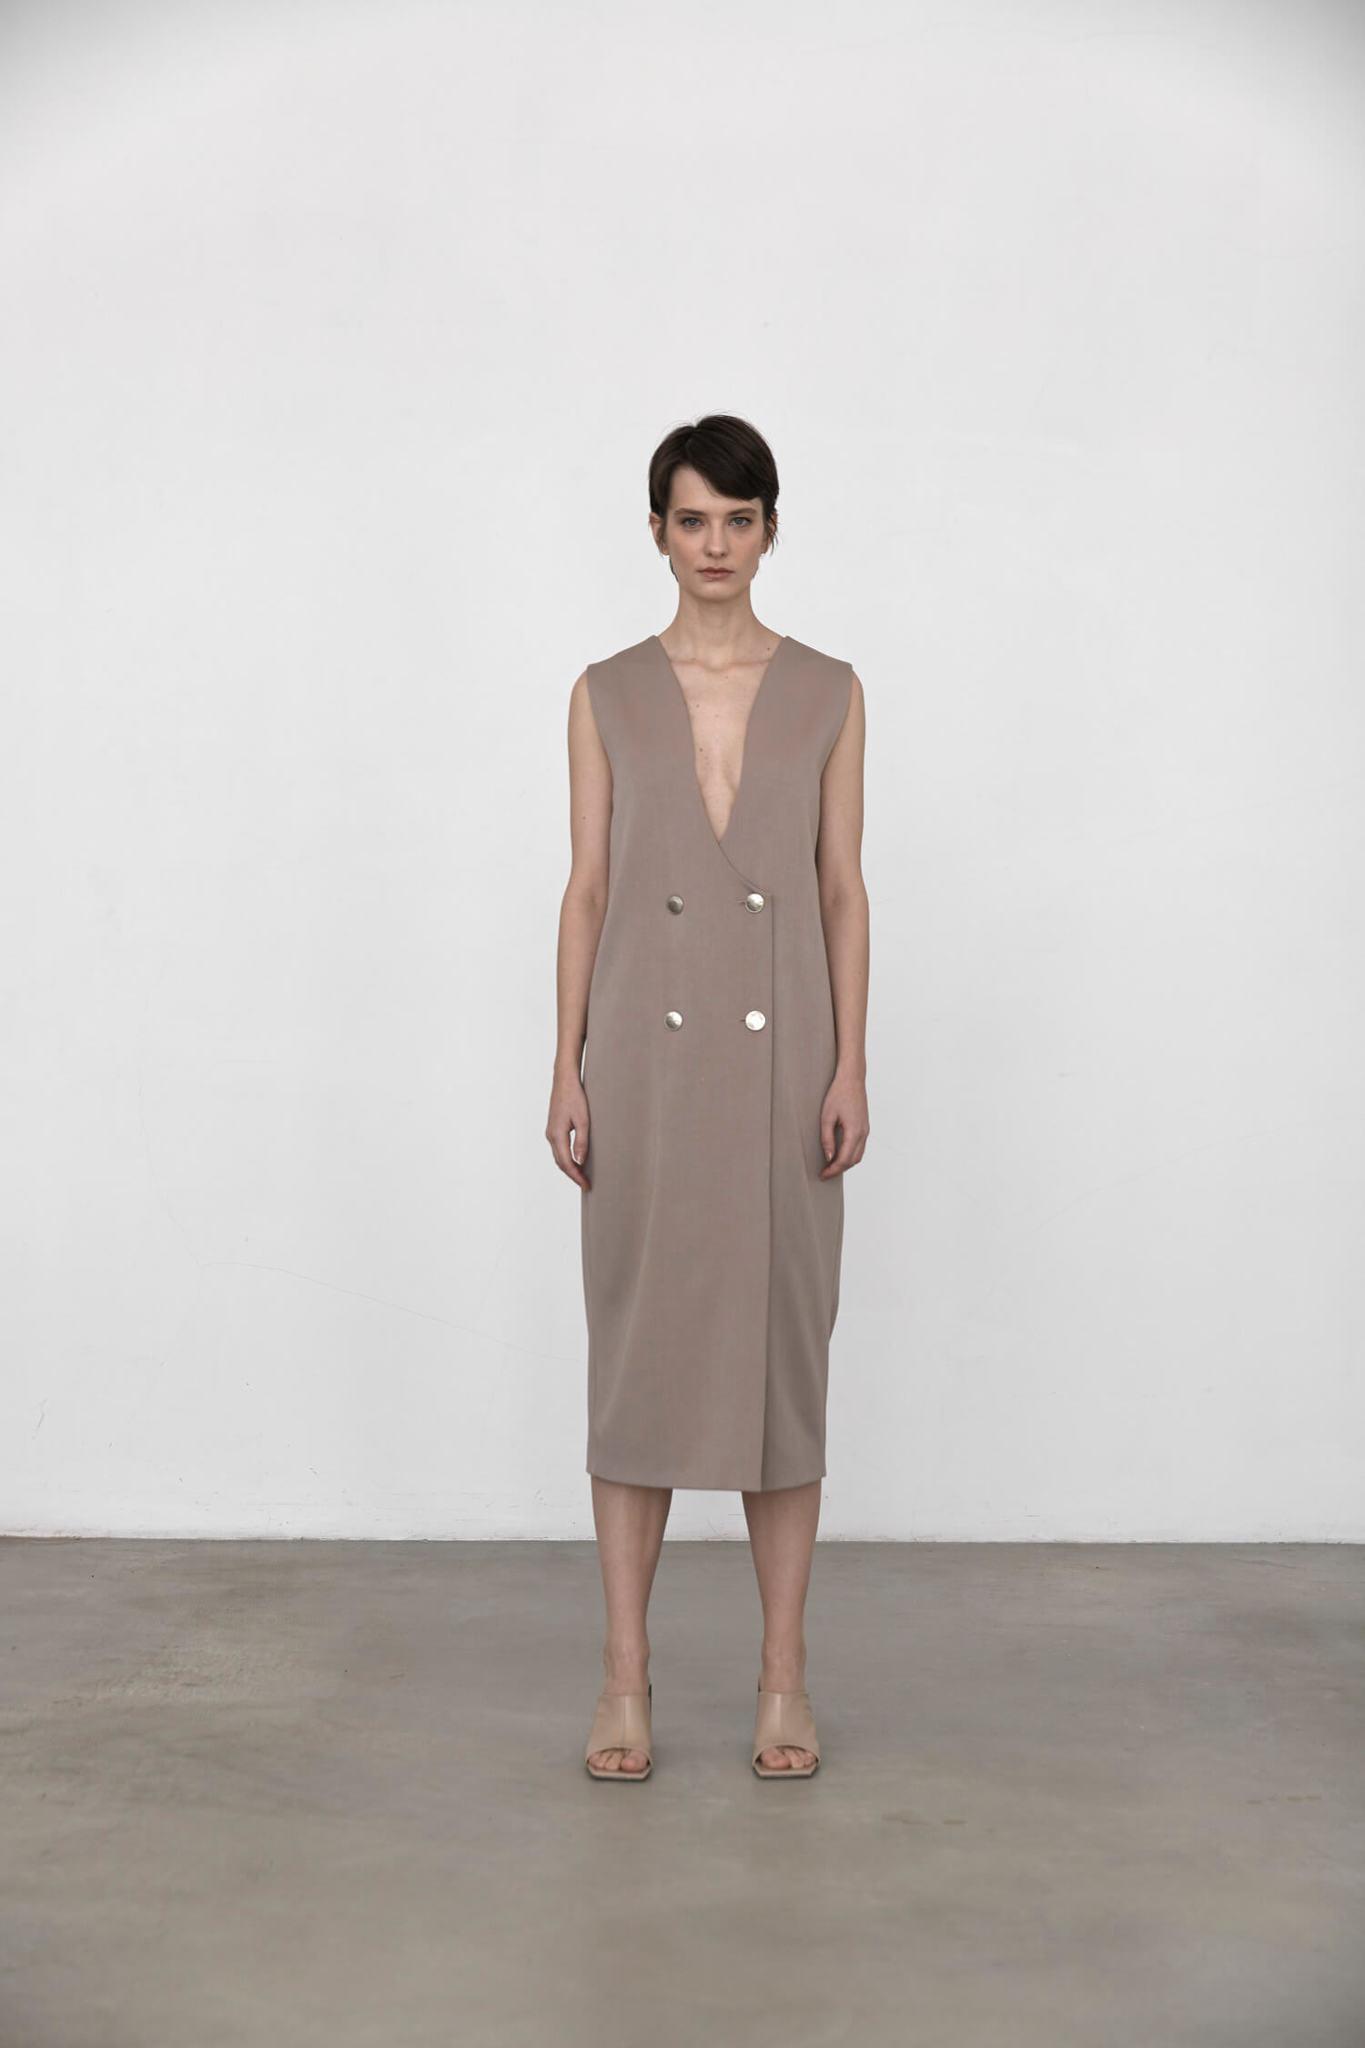 Платье-фрак без рукава, французский беж